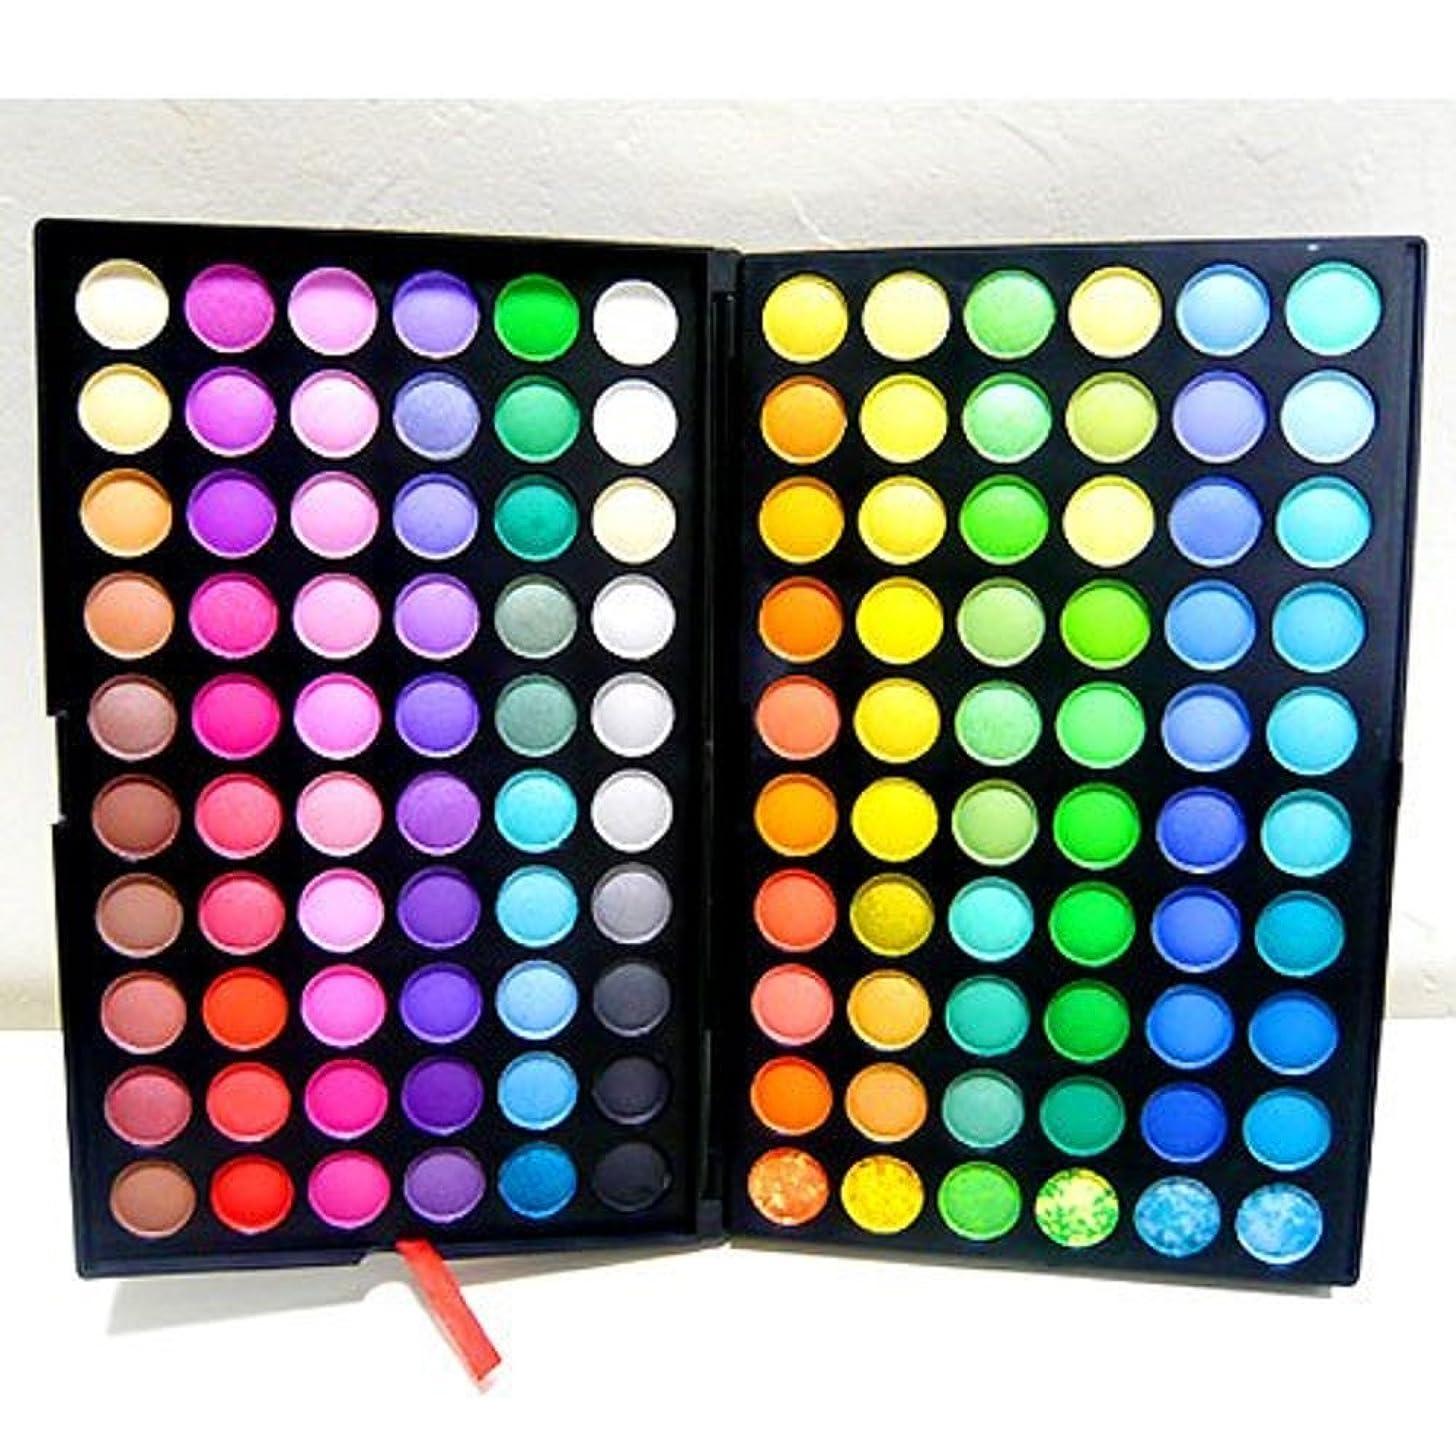 弱点忘れっぽい浸透する入荷しました【LuxuryRose】発色が素晴らしい!120カラーアイシャドウパレット